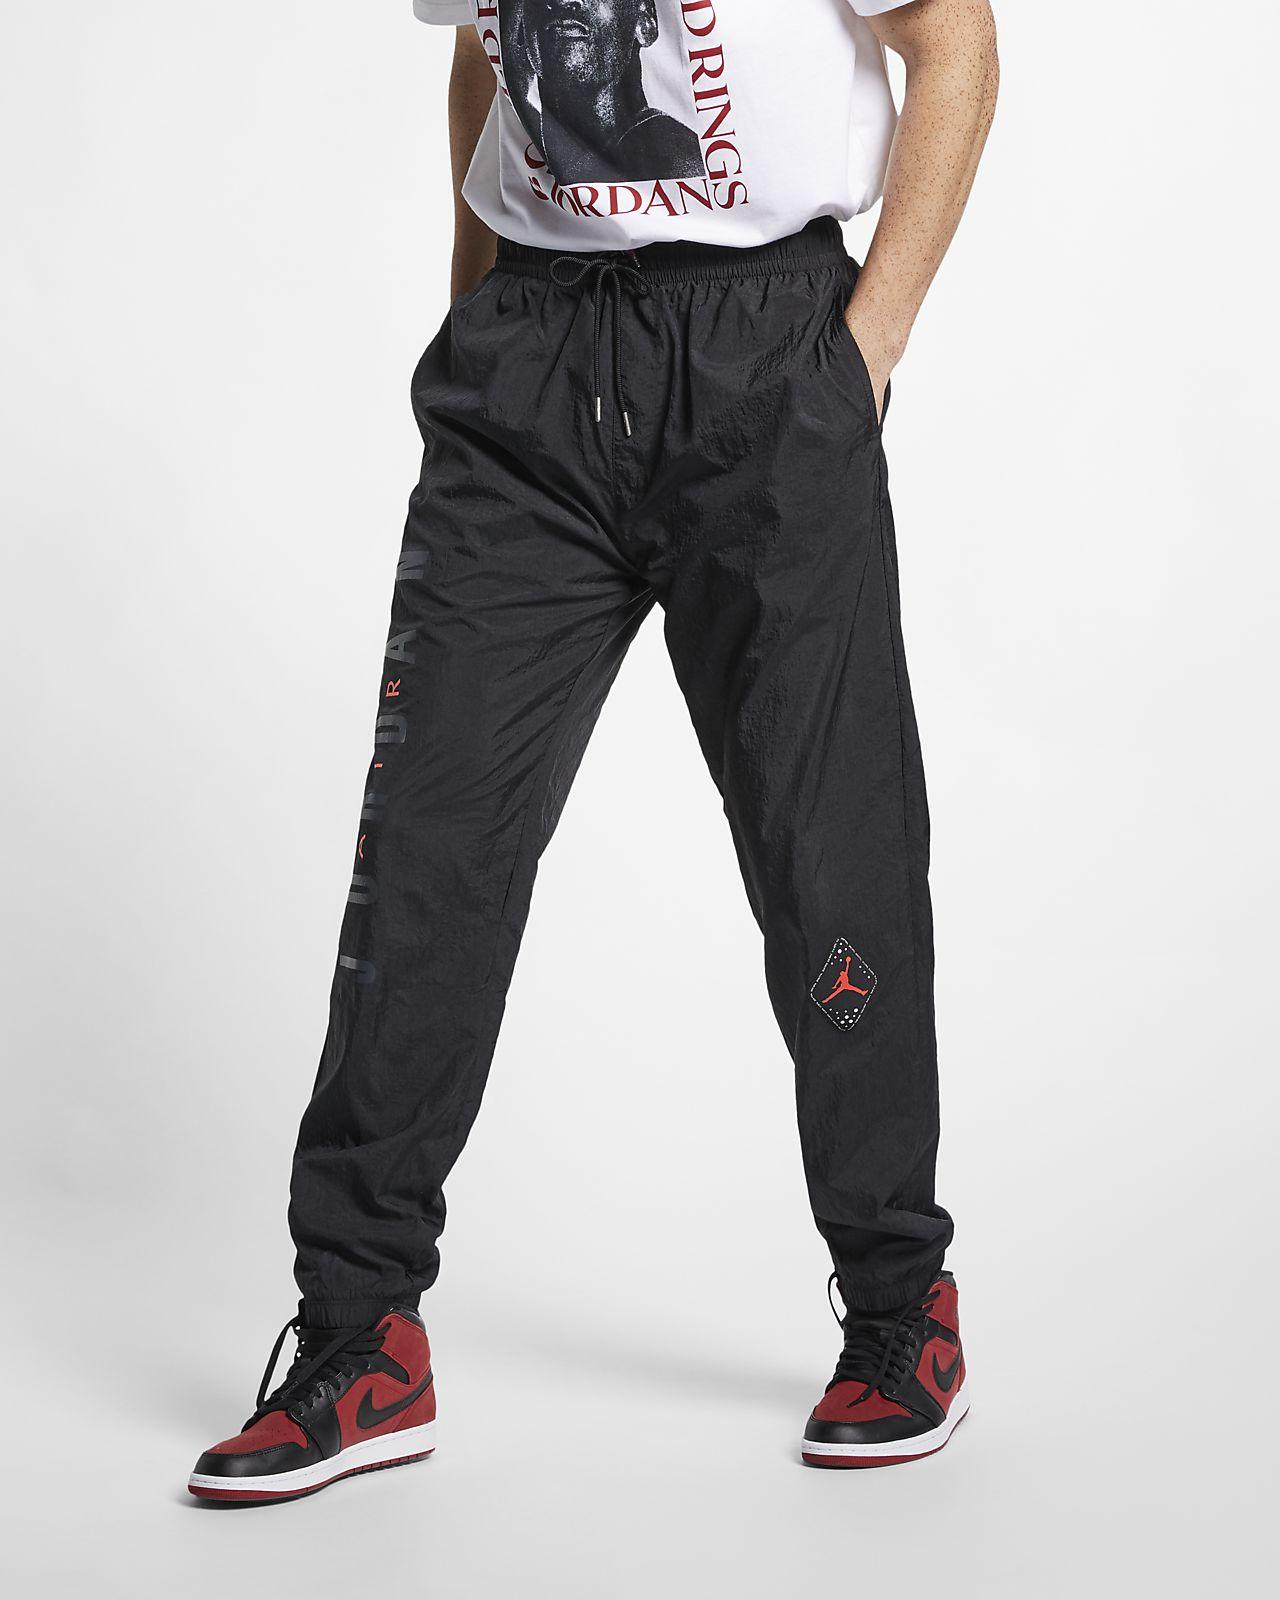 Jordan Legacy AJ 6 男子长裤